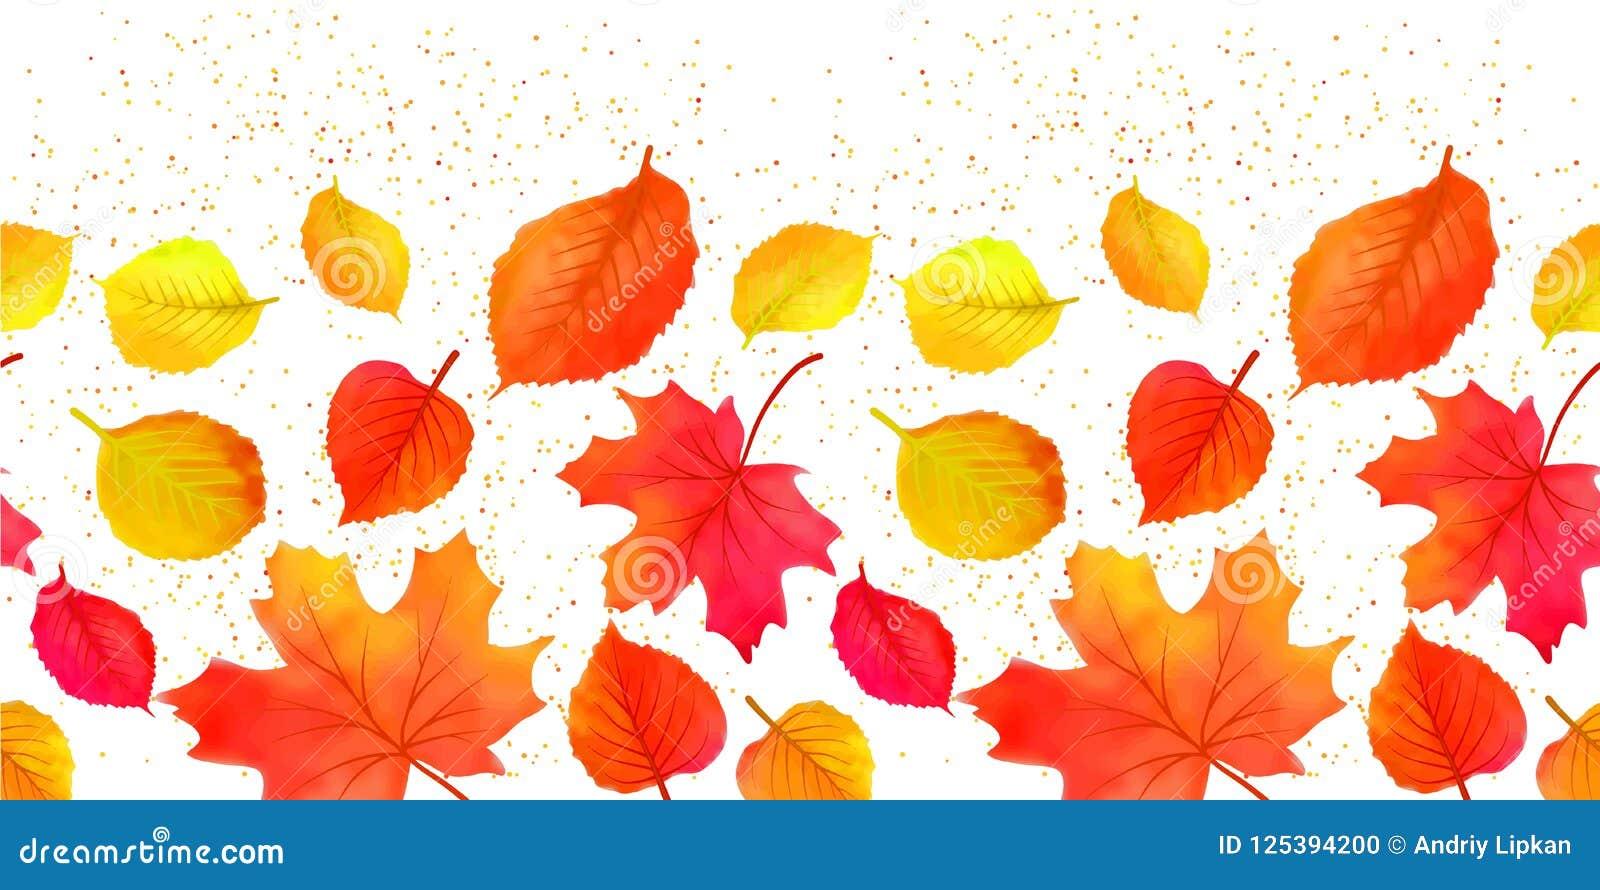 Queda brilhante sem emenda Autumn Leaves Border